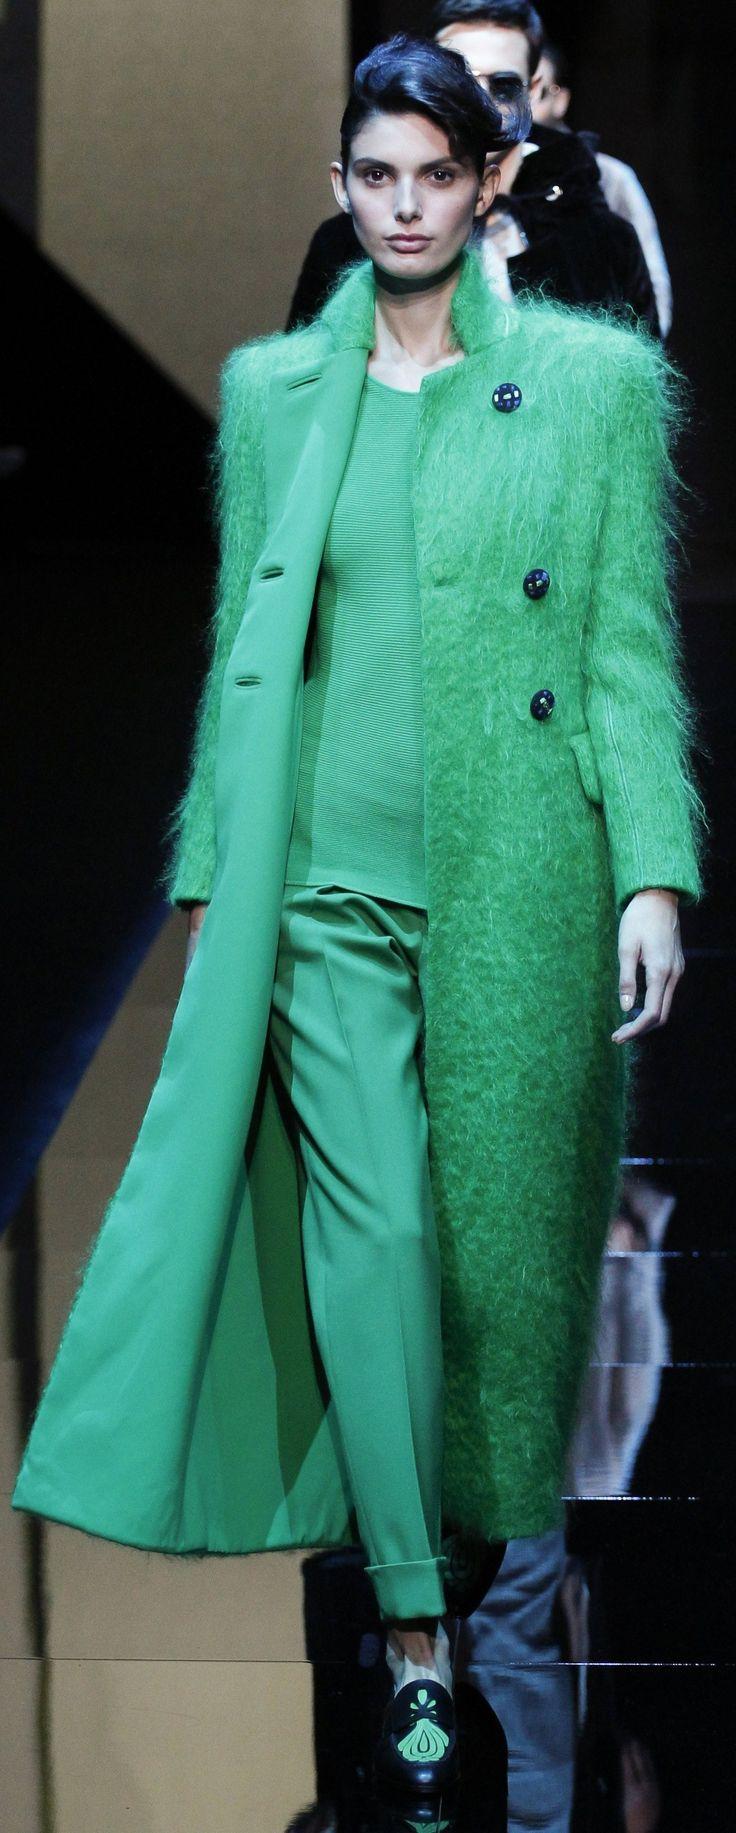 Giorgio Armani Fall 2017